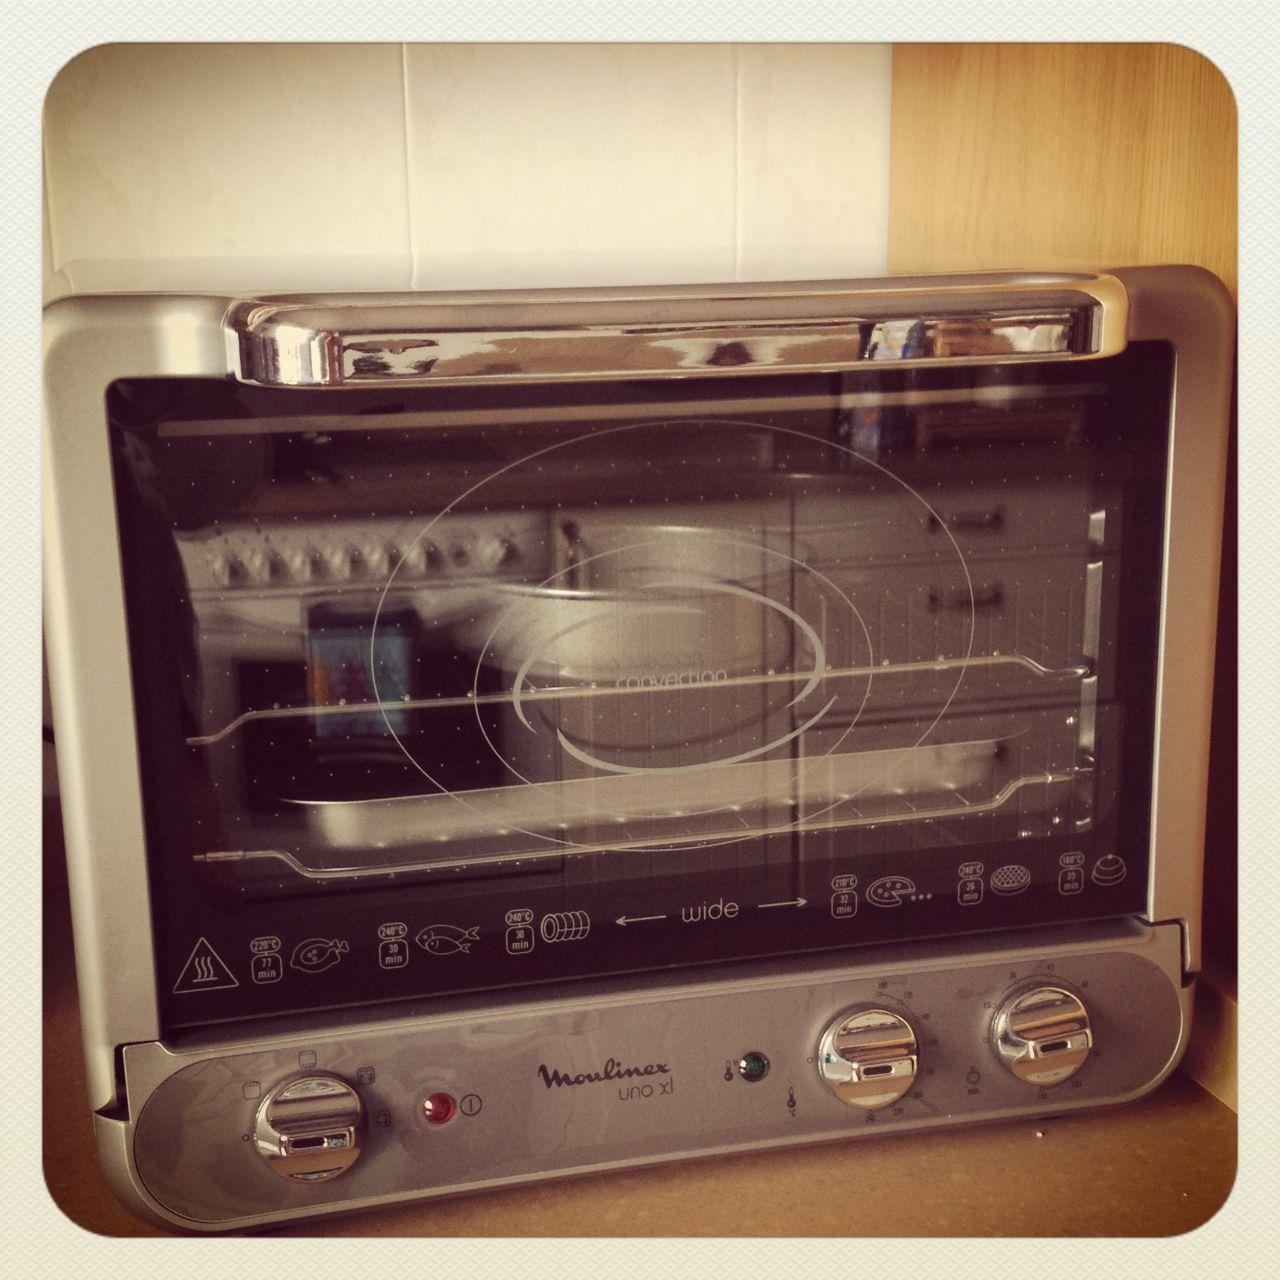 Mi nuevo horno Moulinex UNO XL .